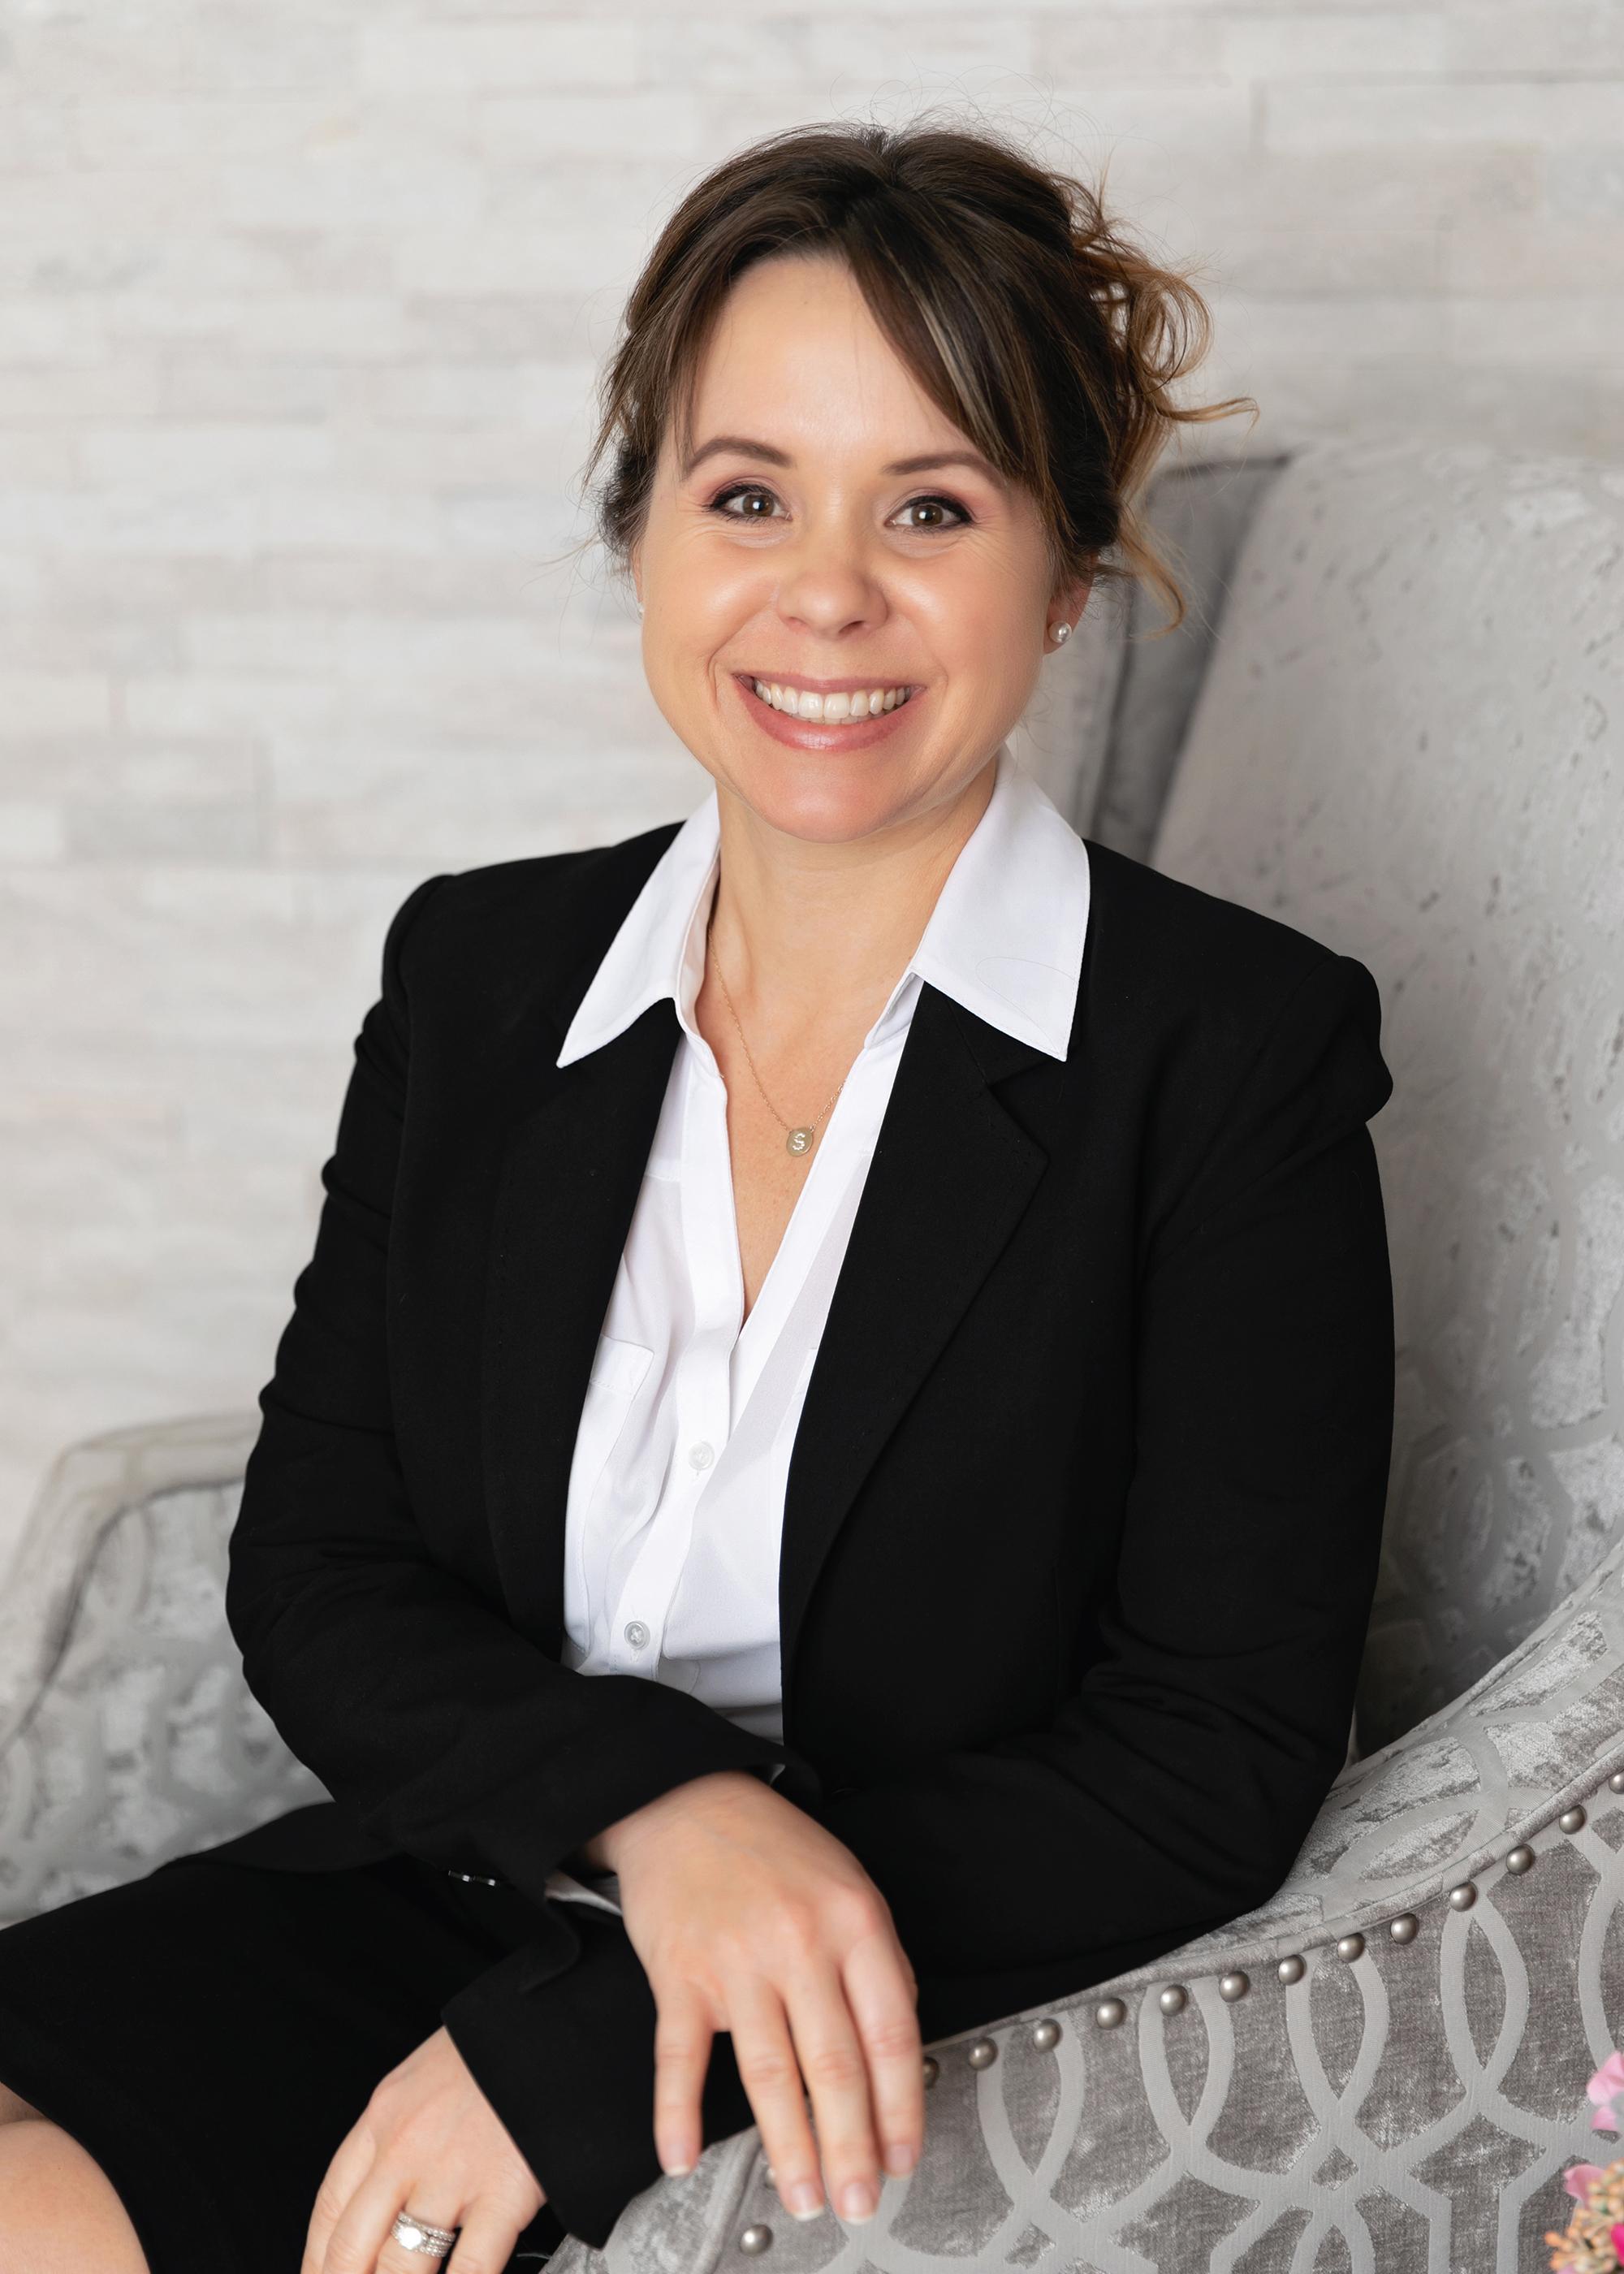 Sarah Cash, ARNP